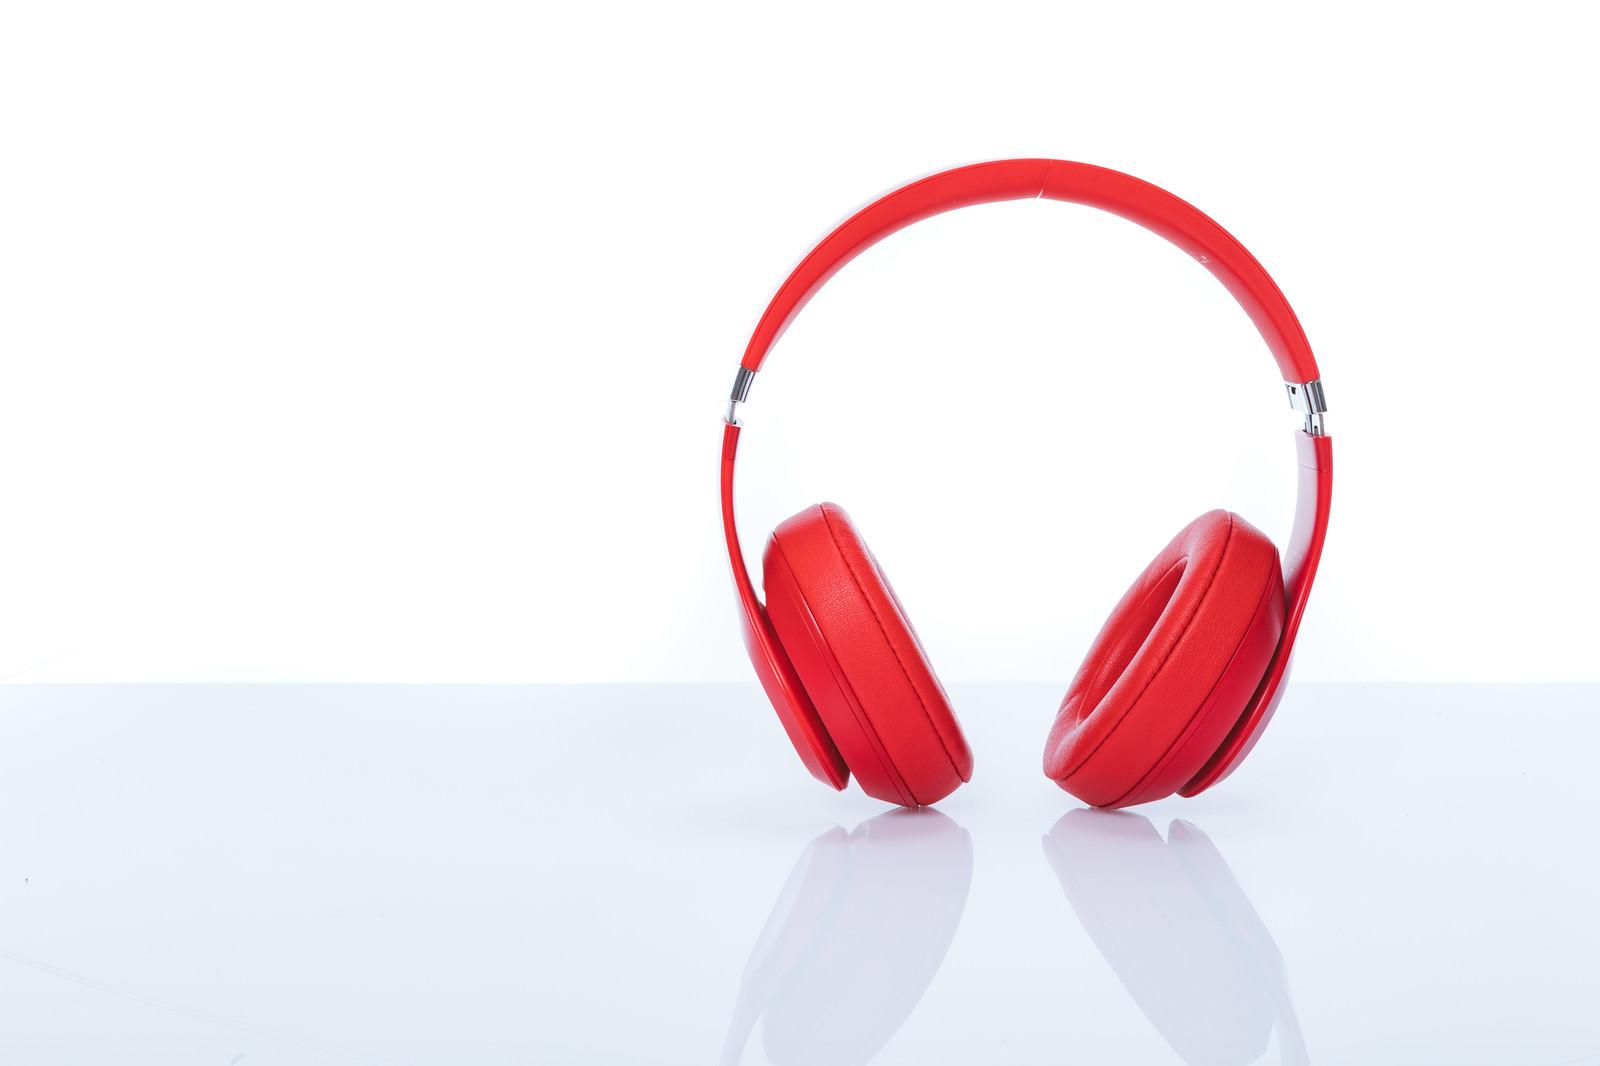 「赤いワイヤレスヘッドフォン」